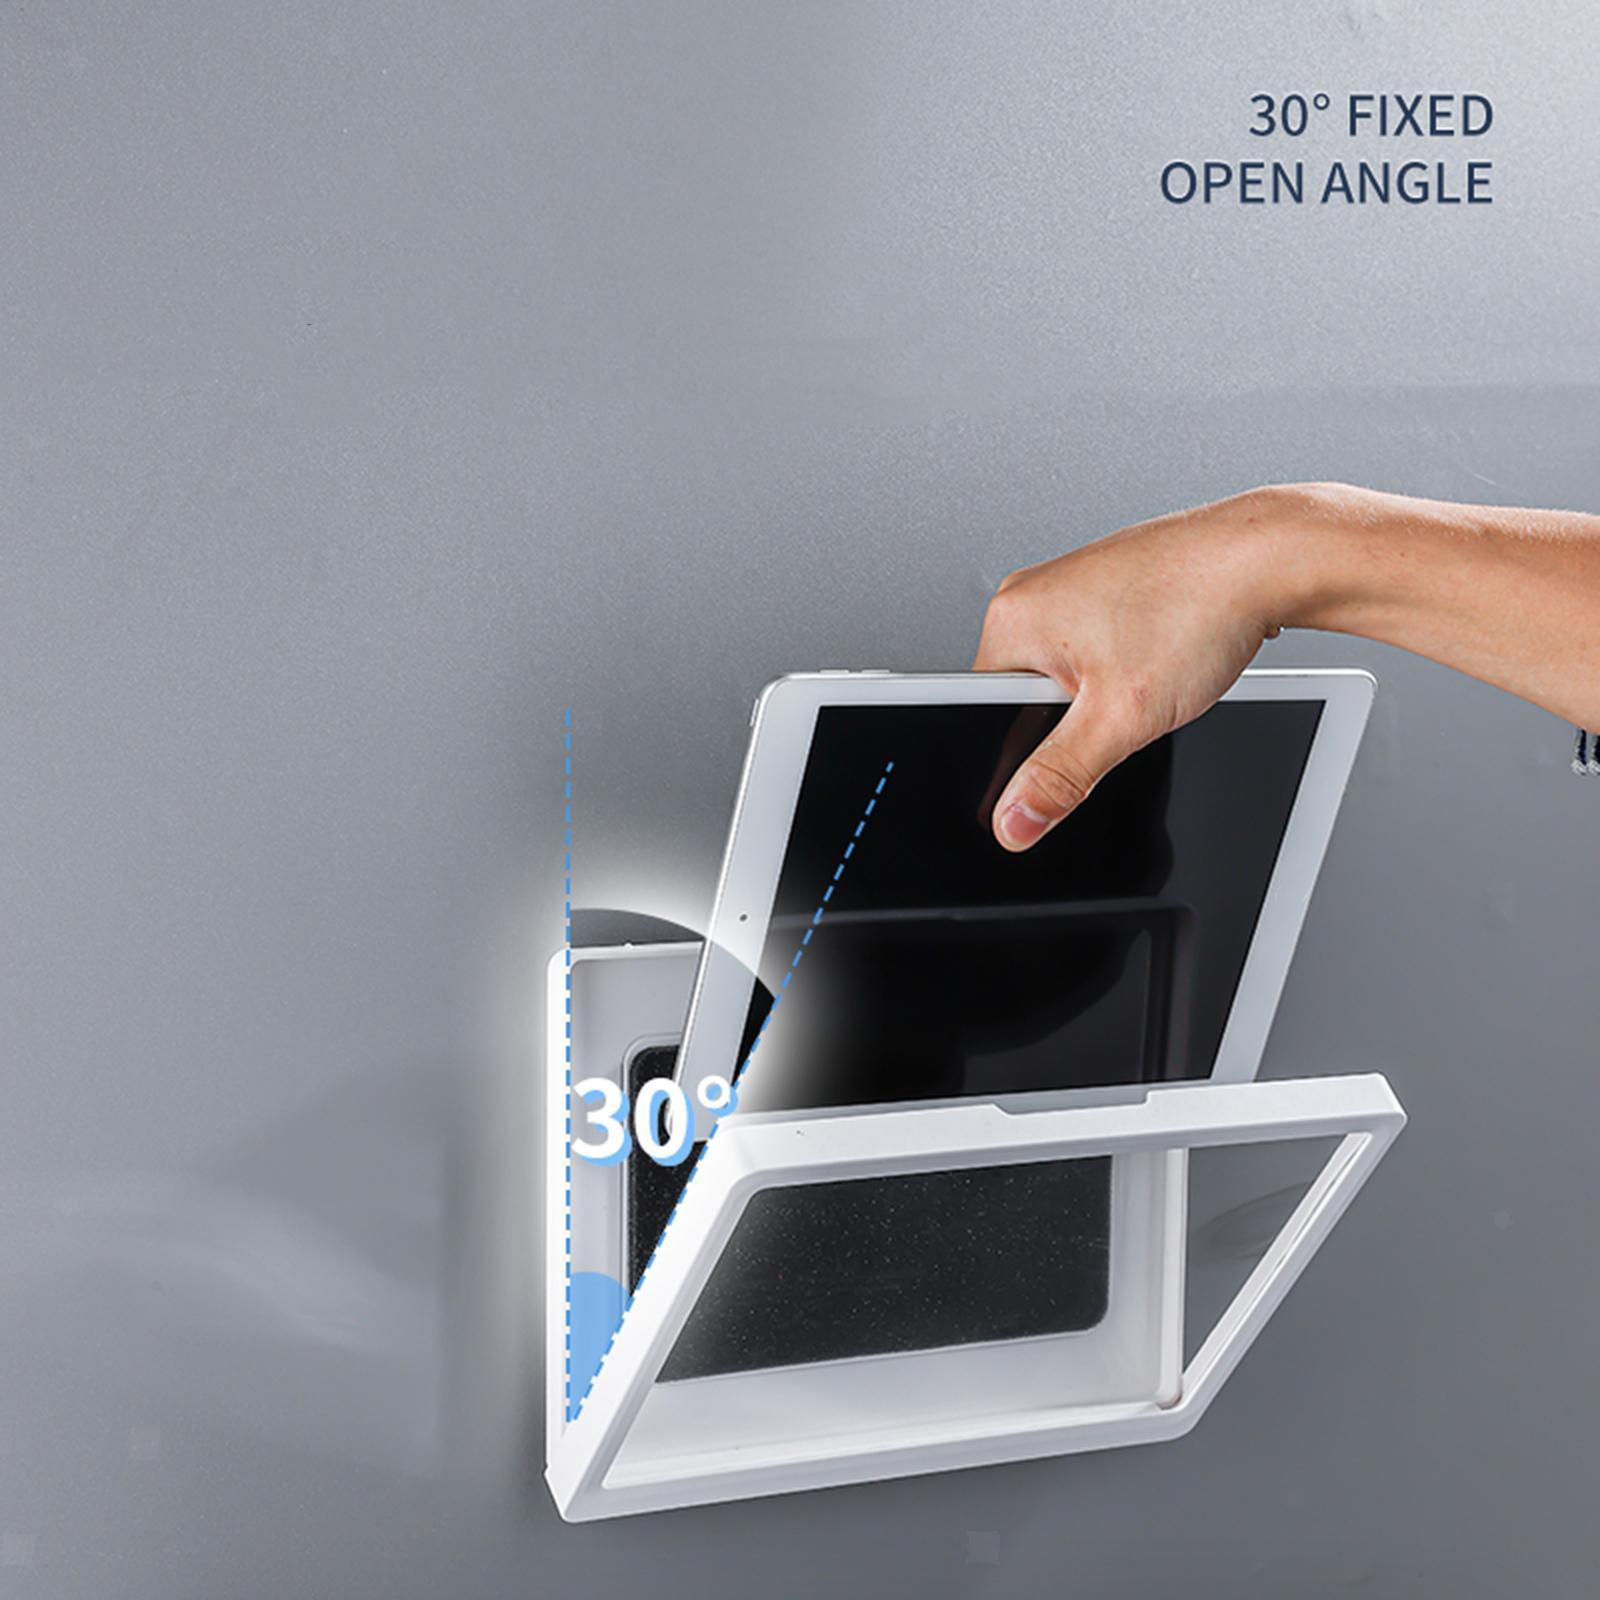 Indexbild 13 - Wand halterung Dusche Tablet Halter Badezimmer gehäuse Halterung Regal, Tablet